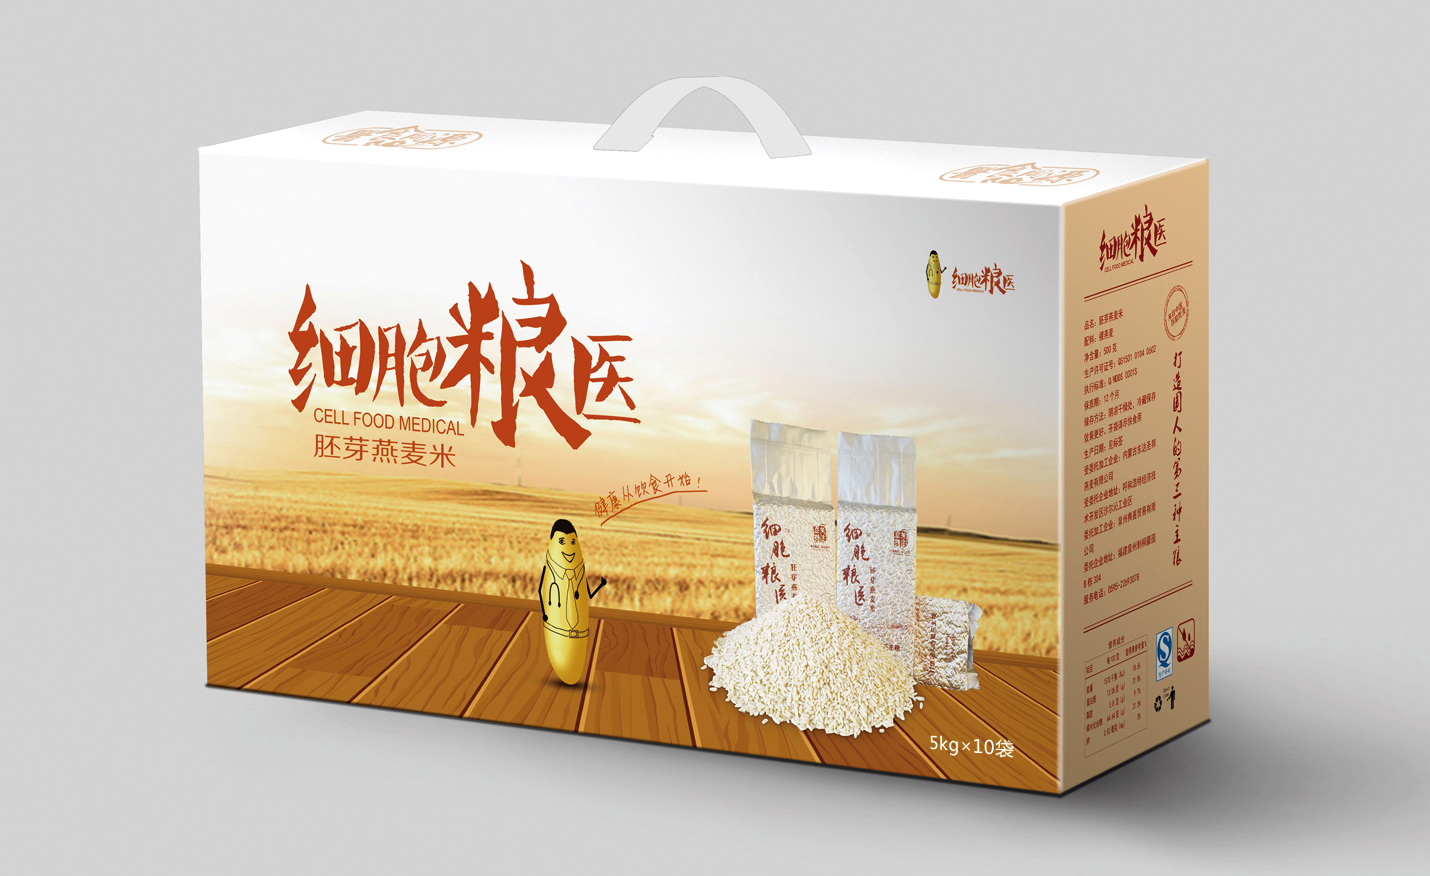 细胞粮医 · 胚芽燕麦米